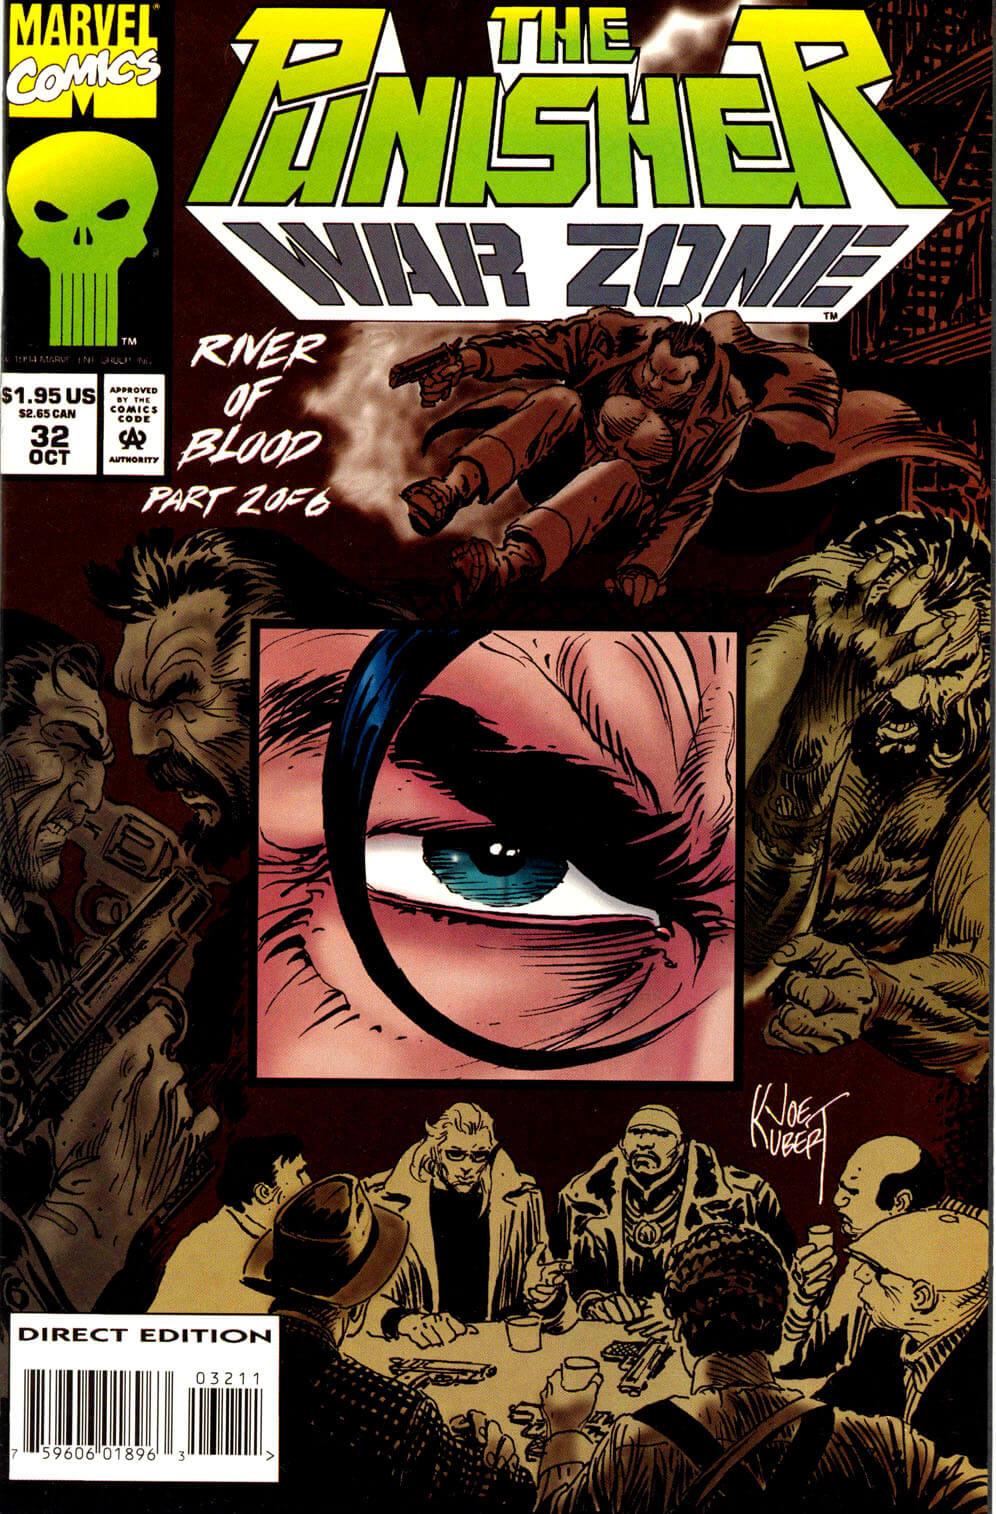 Punisher War Zone #32